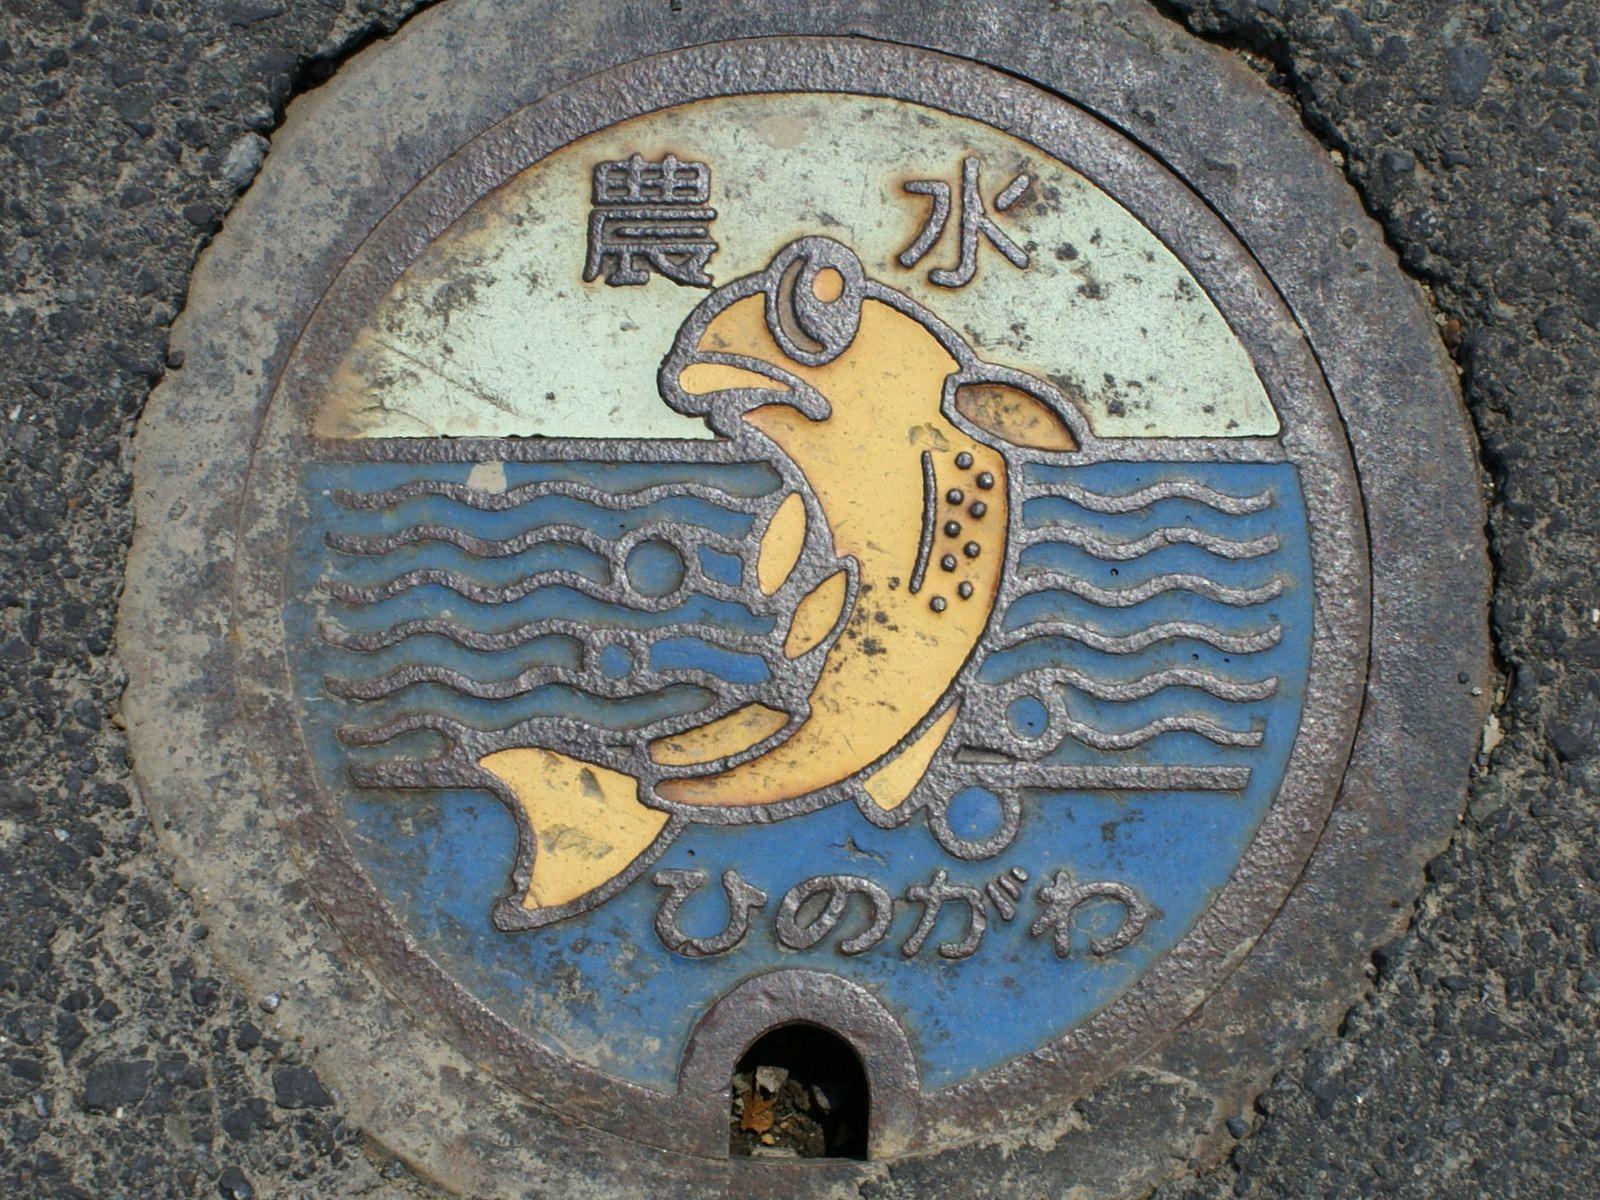 Fukui pref, manhole cover 2 (福井県日野川流域のマンホール2) | by MRSY